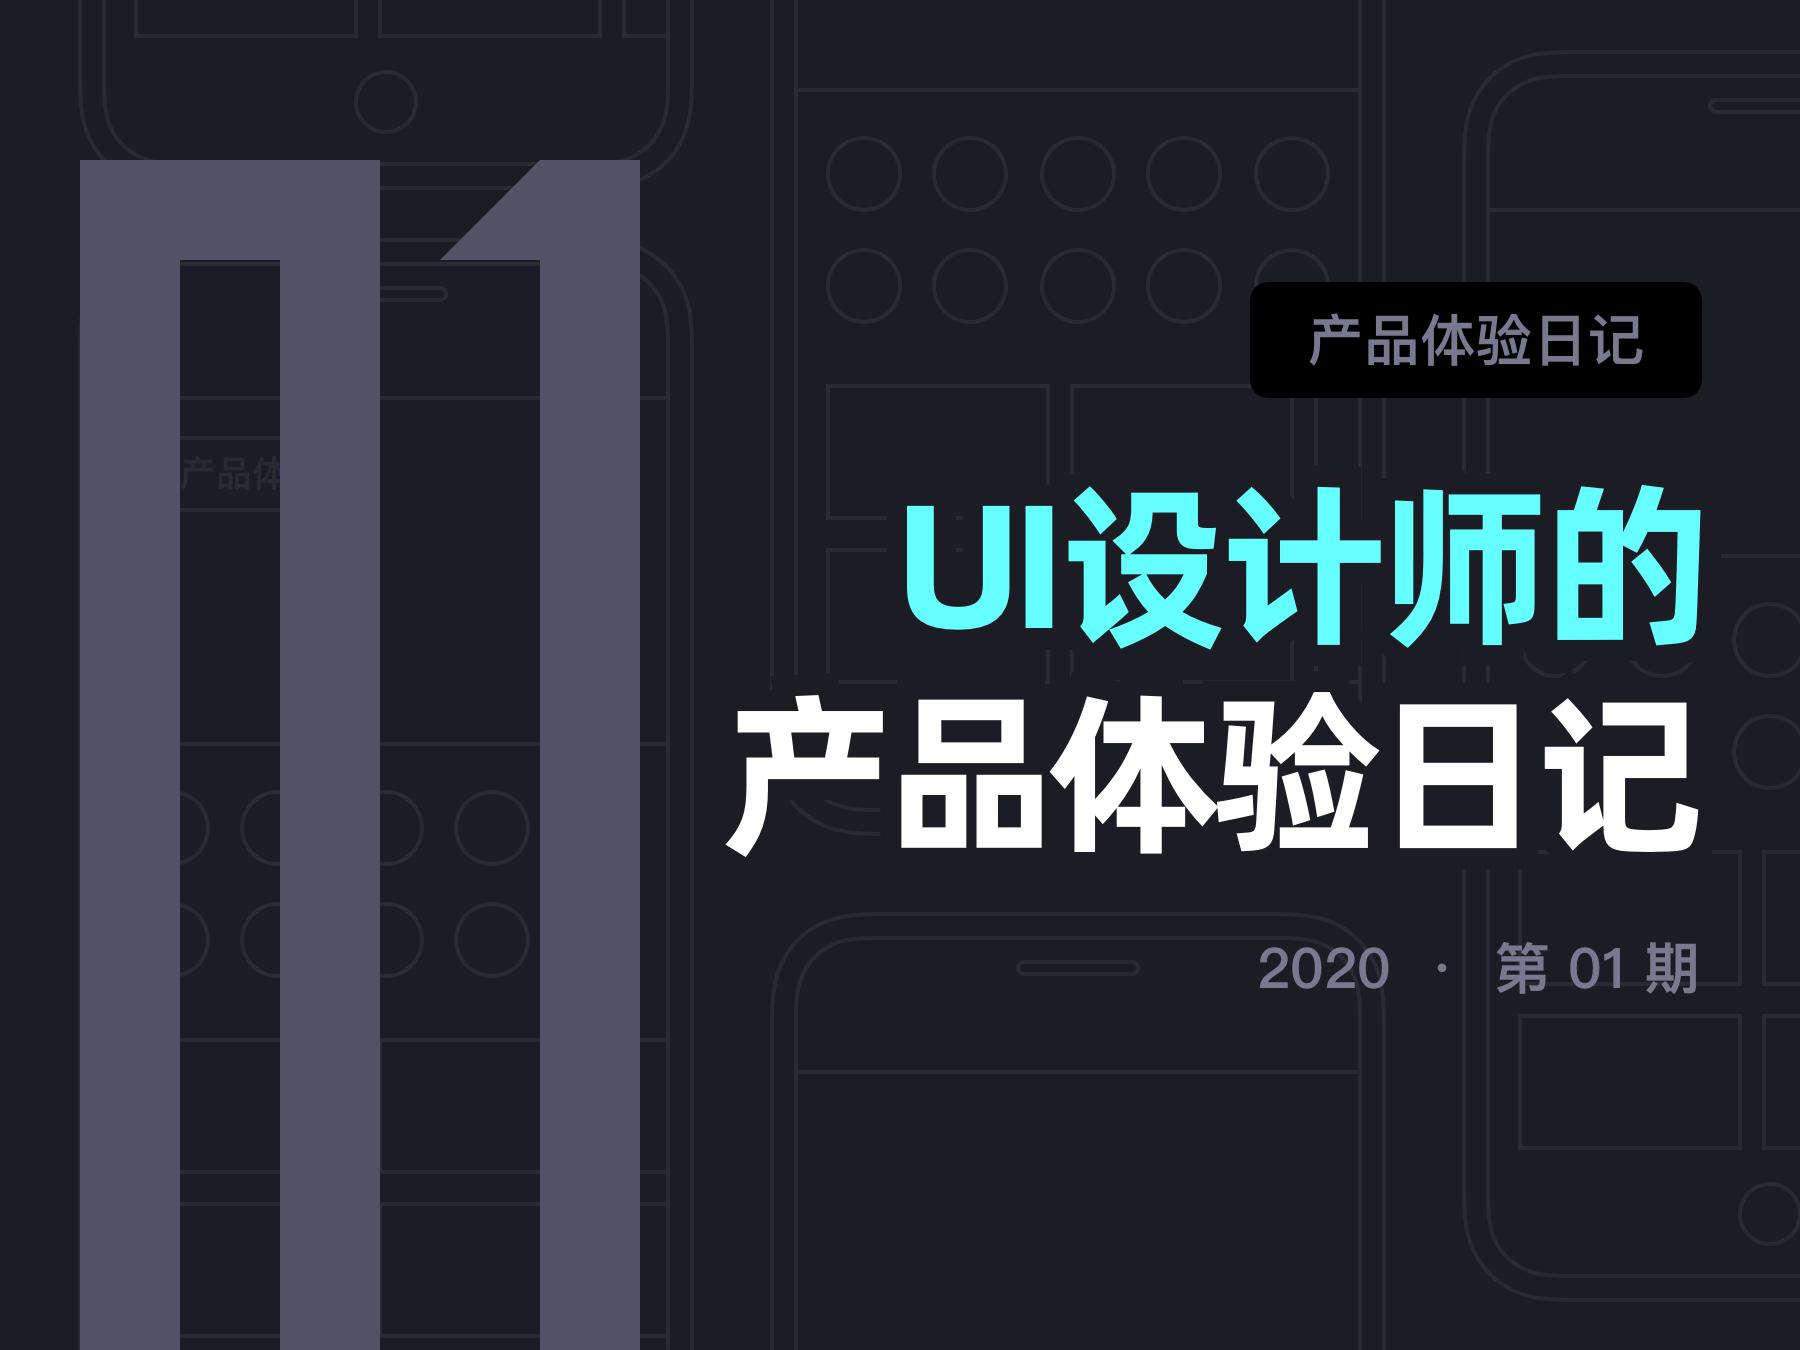 01月 | UI设计师的产品体验日记 上榜经历 2020年1月27日150期站酷文章总榜第11名